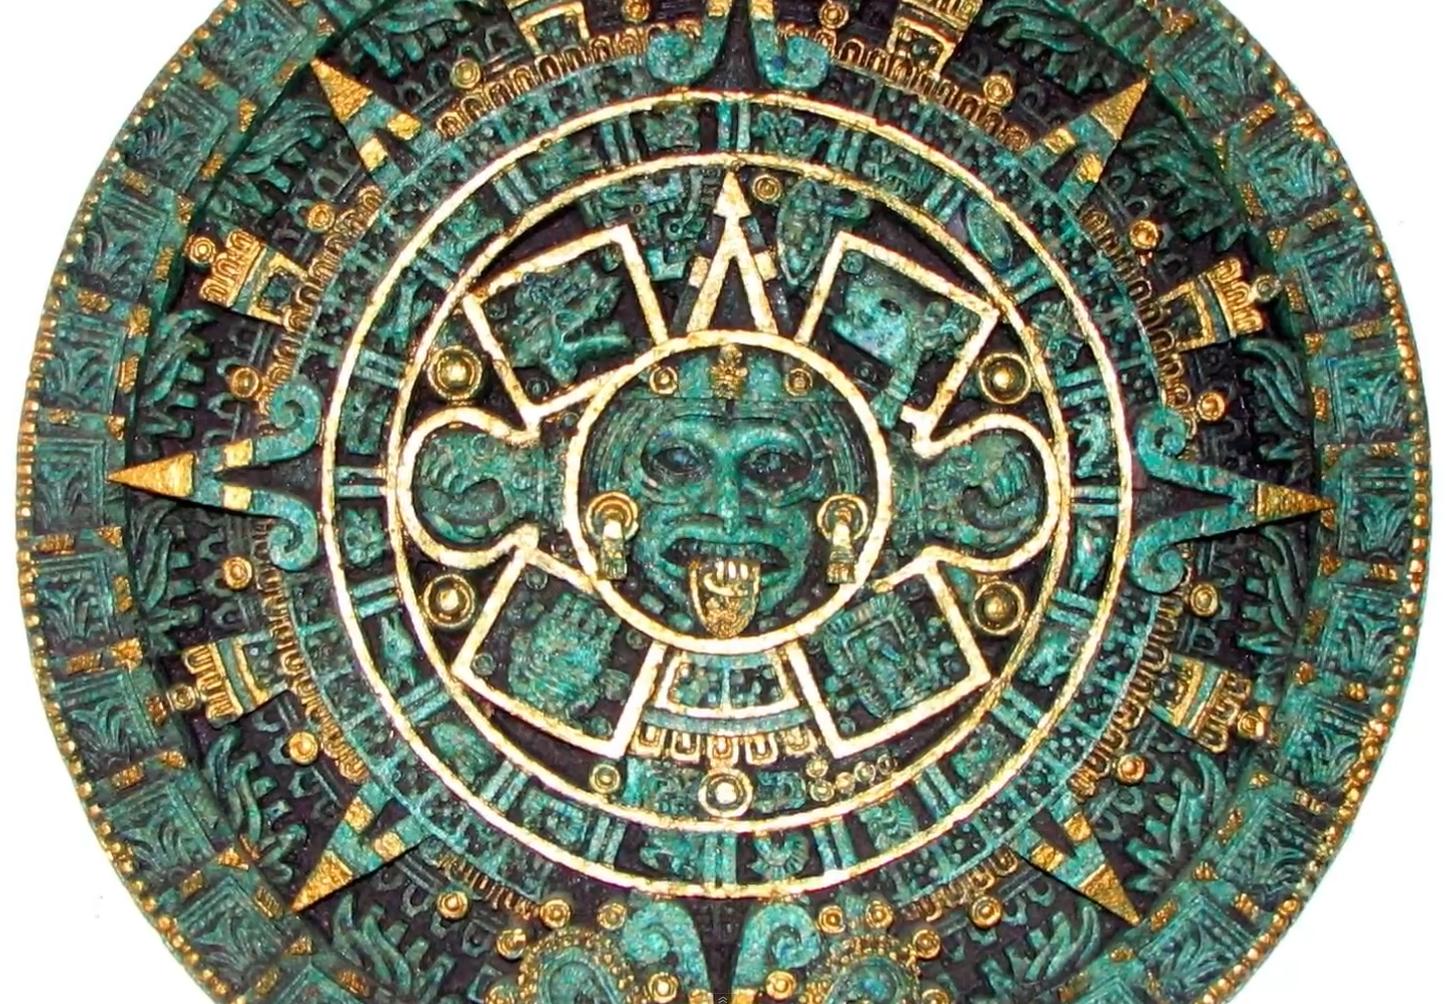 piatra-soarelui-monument-dedicat-conducatorului-aztec-itzcoatl-2012